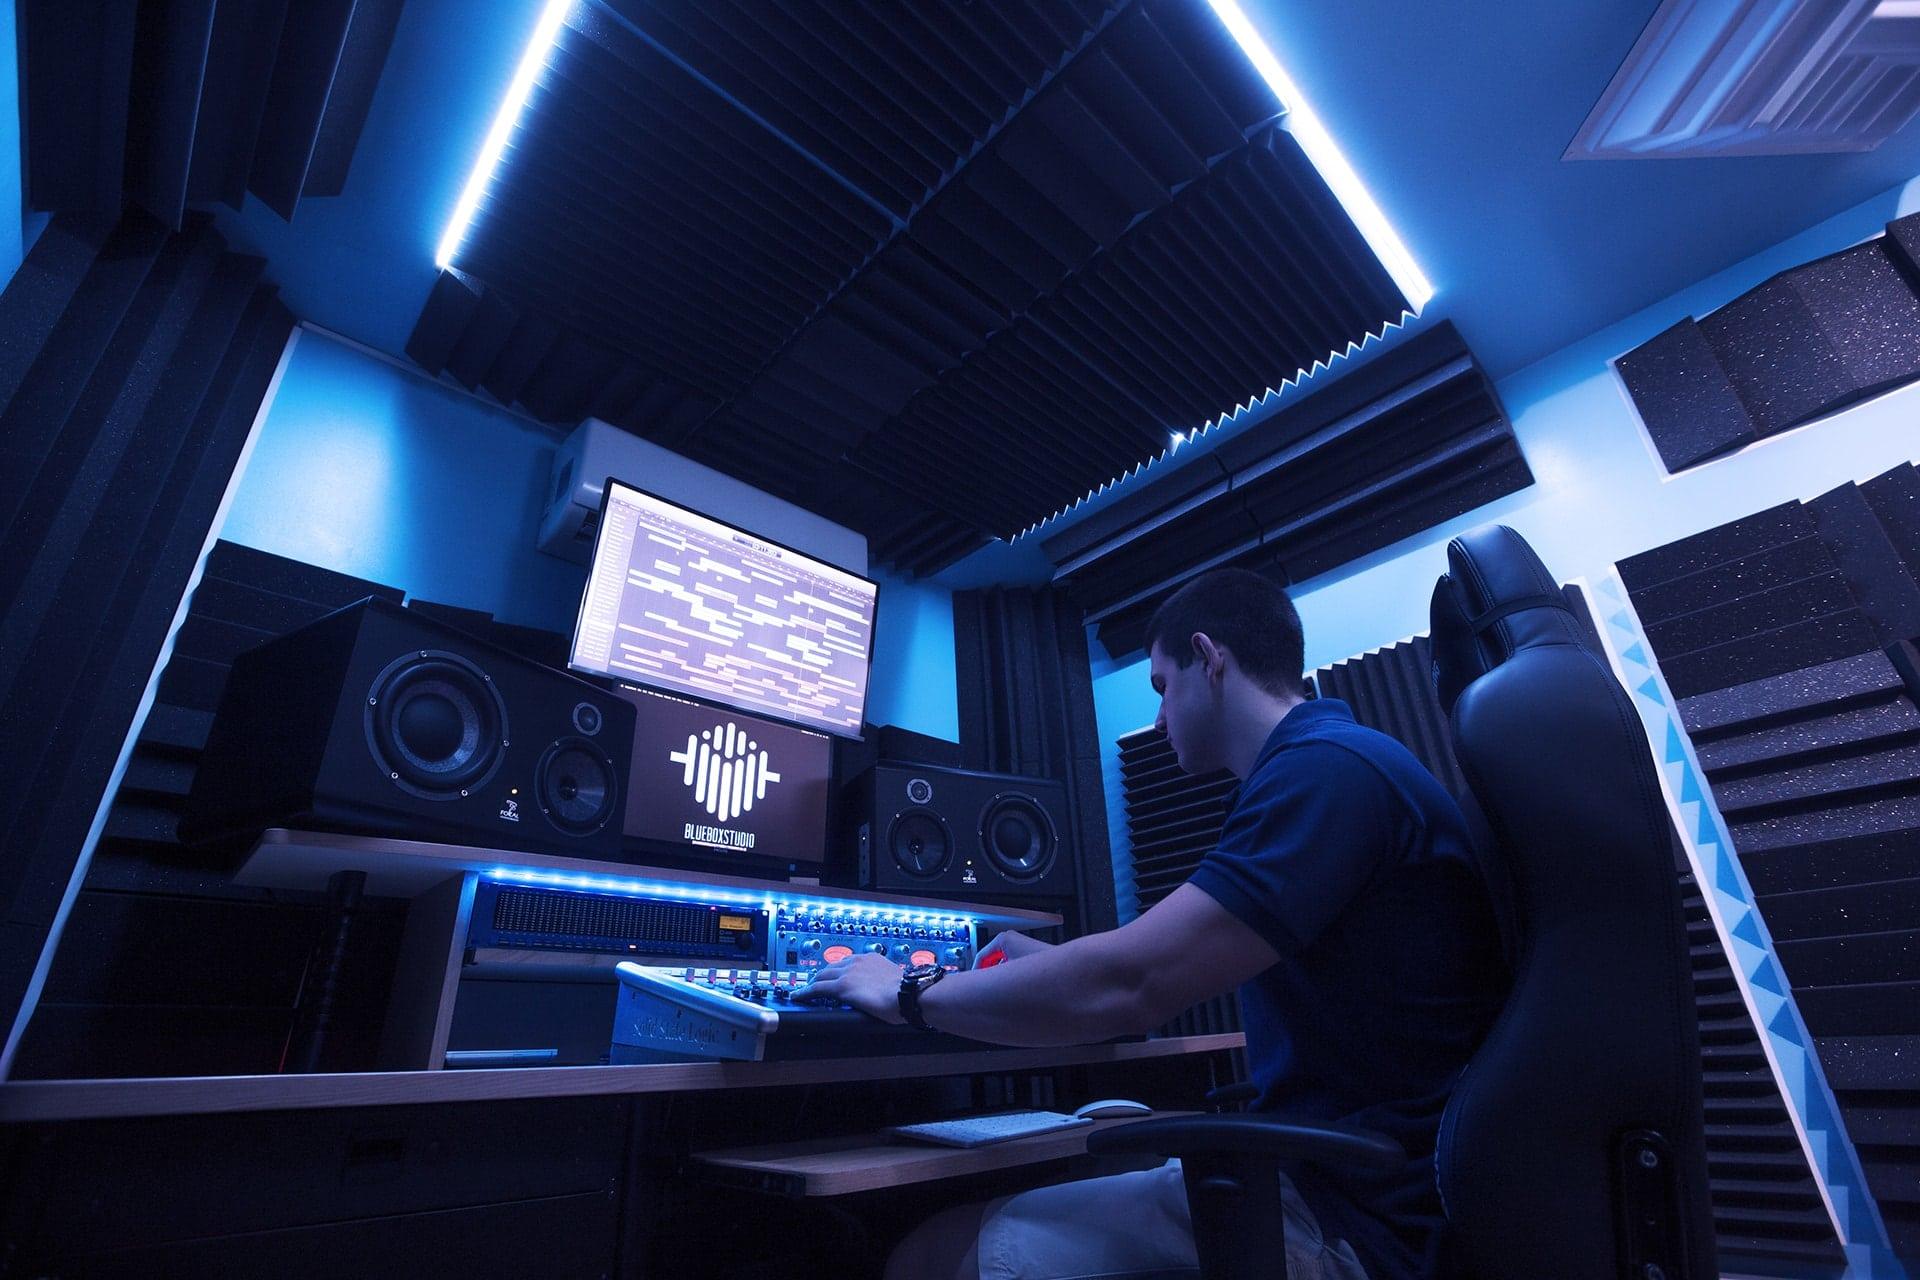 Trattamento acustico studio di registrazione bluebox studio - Studio di registrazione in casa ...